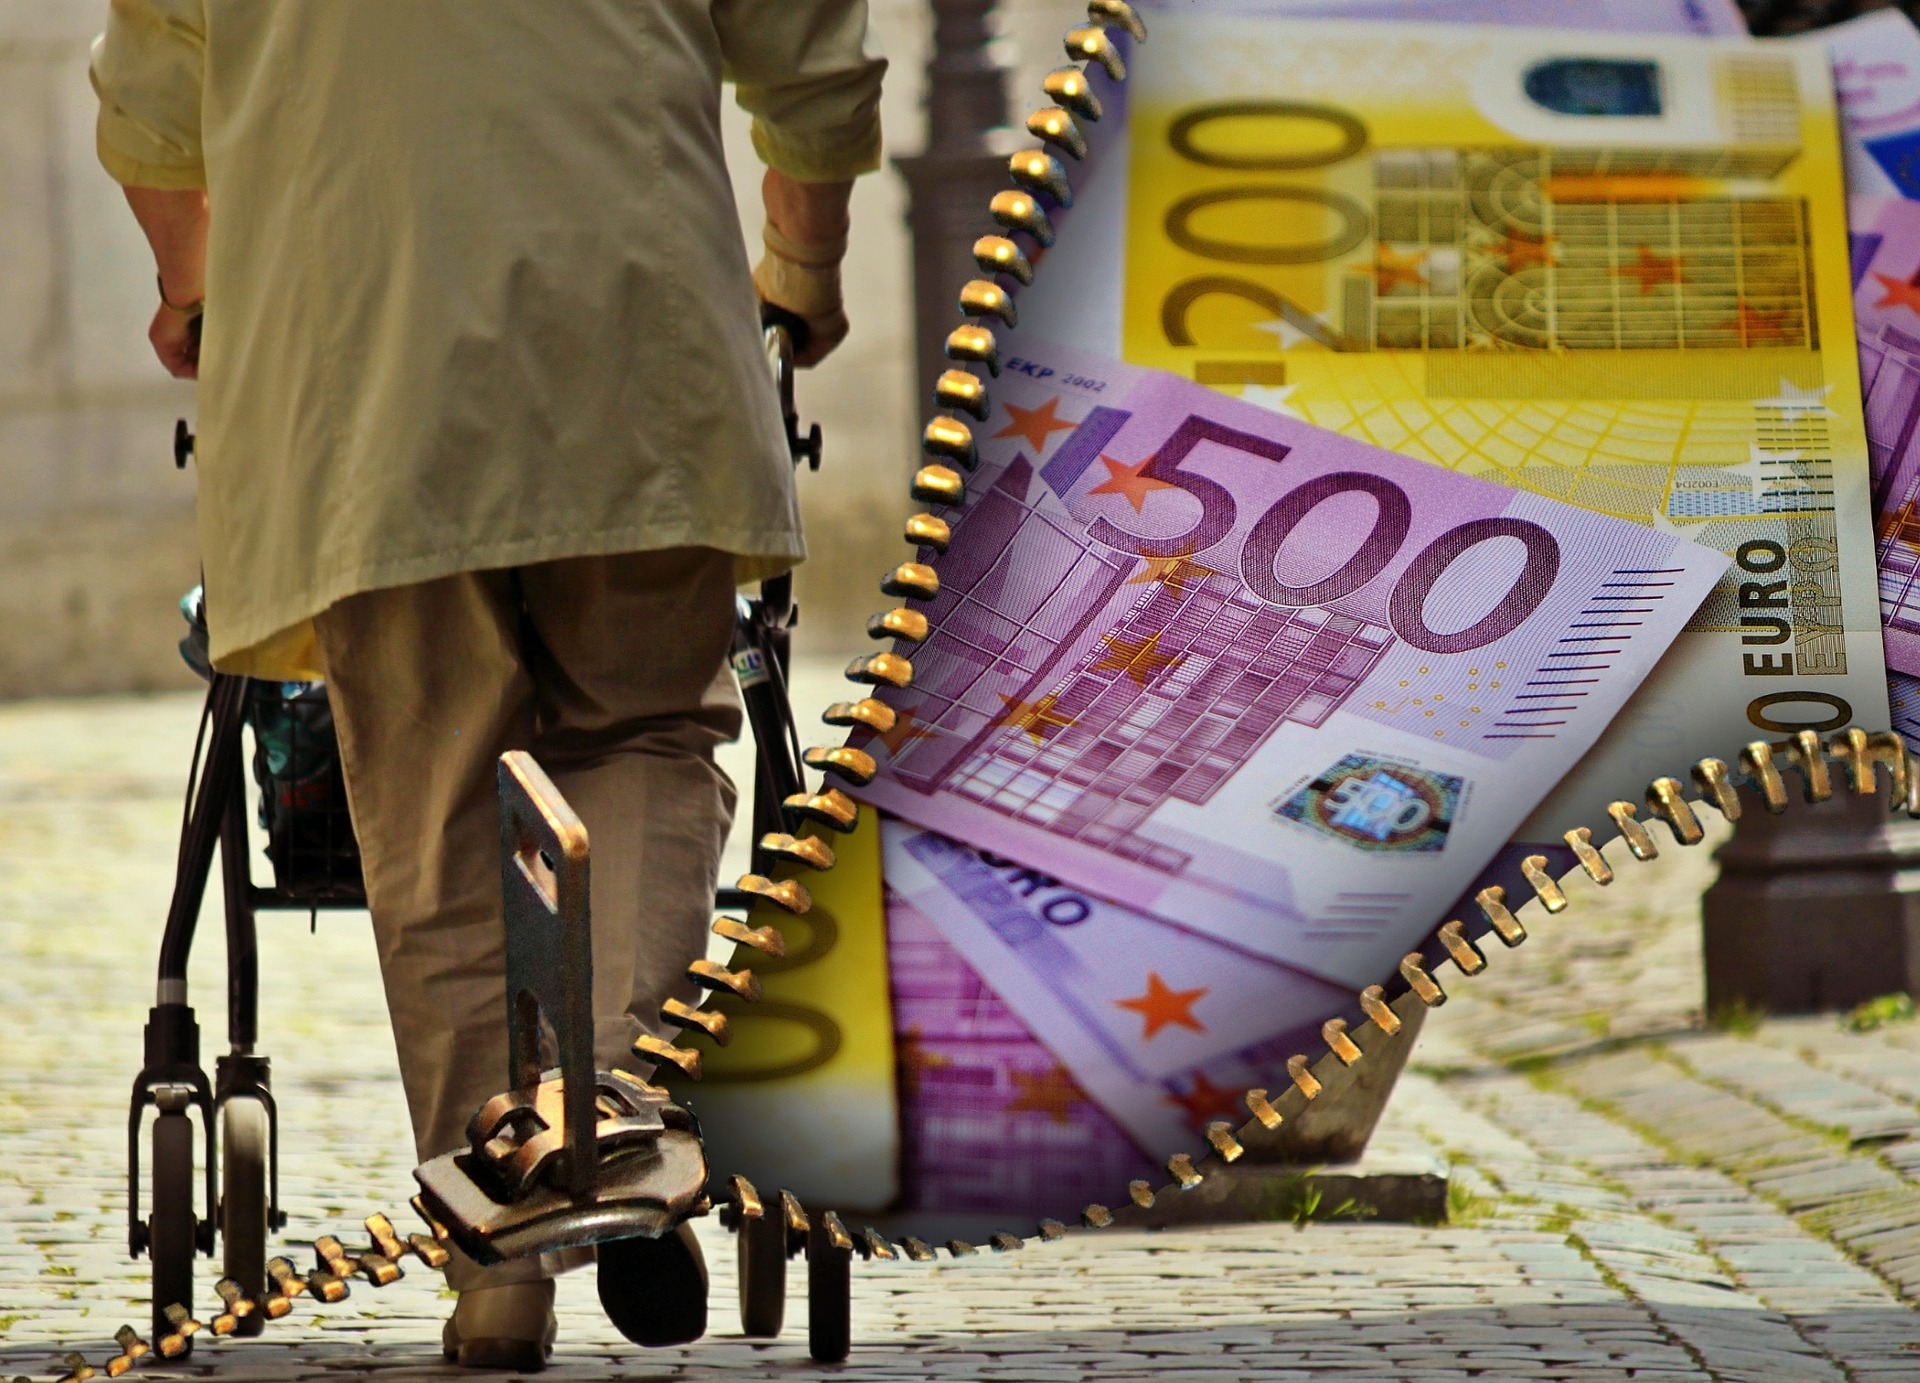 Unsicherheiten werden benutzt, um die Wirtschaft zu beleben, trotzdem ist das Risiko der Altersarmut real